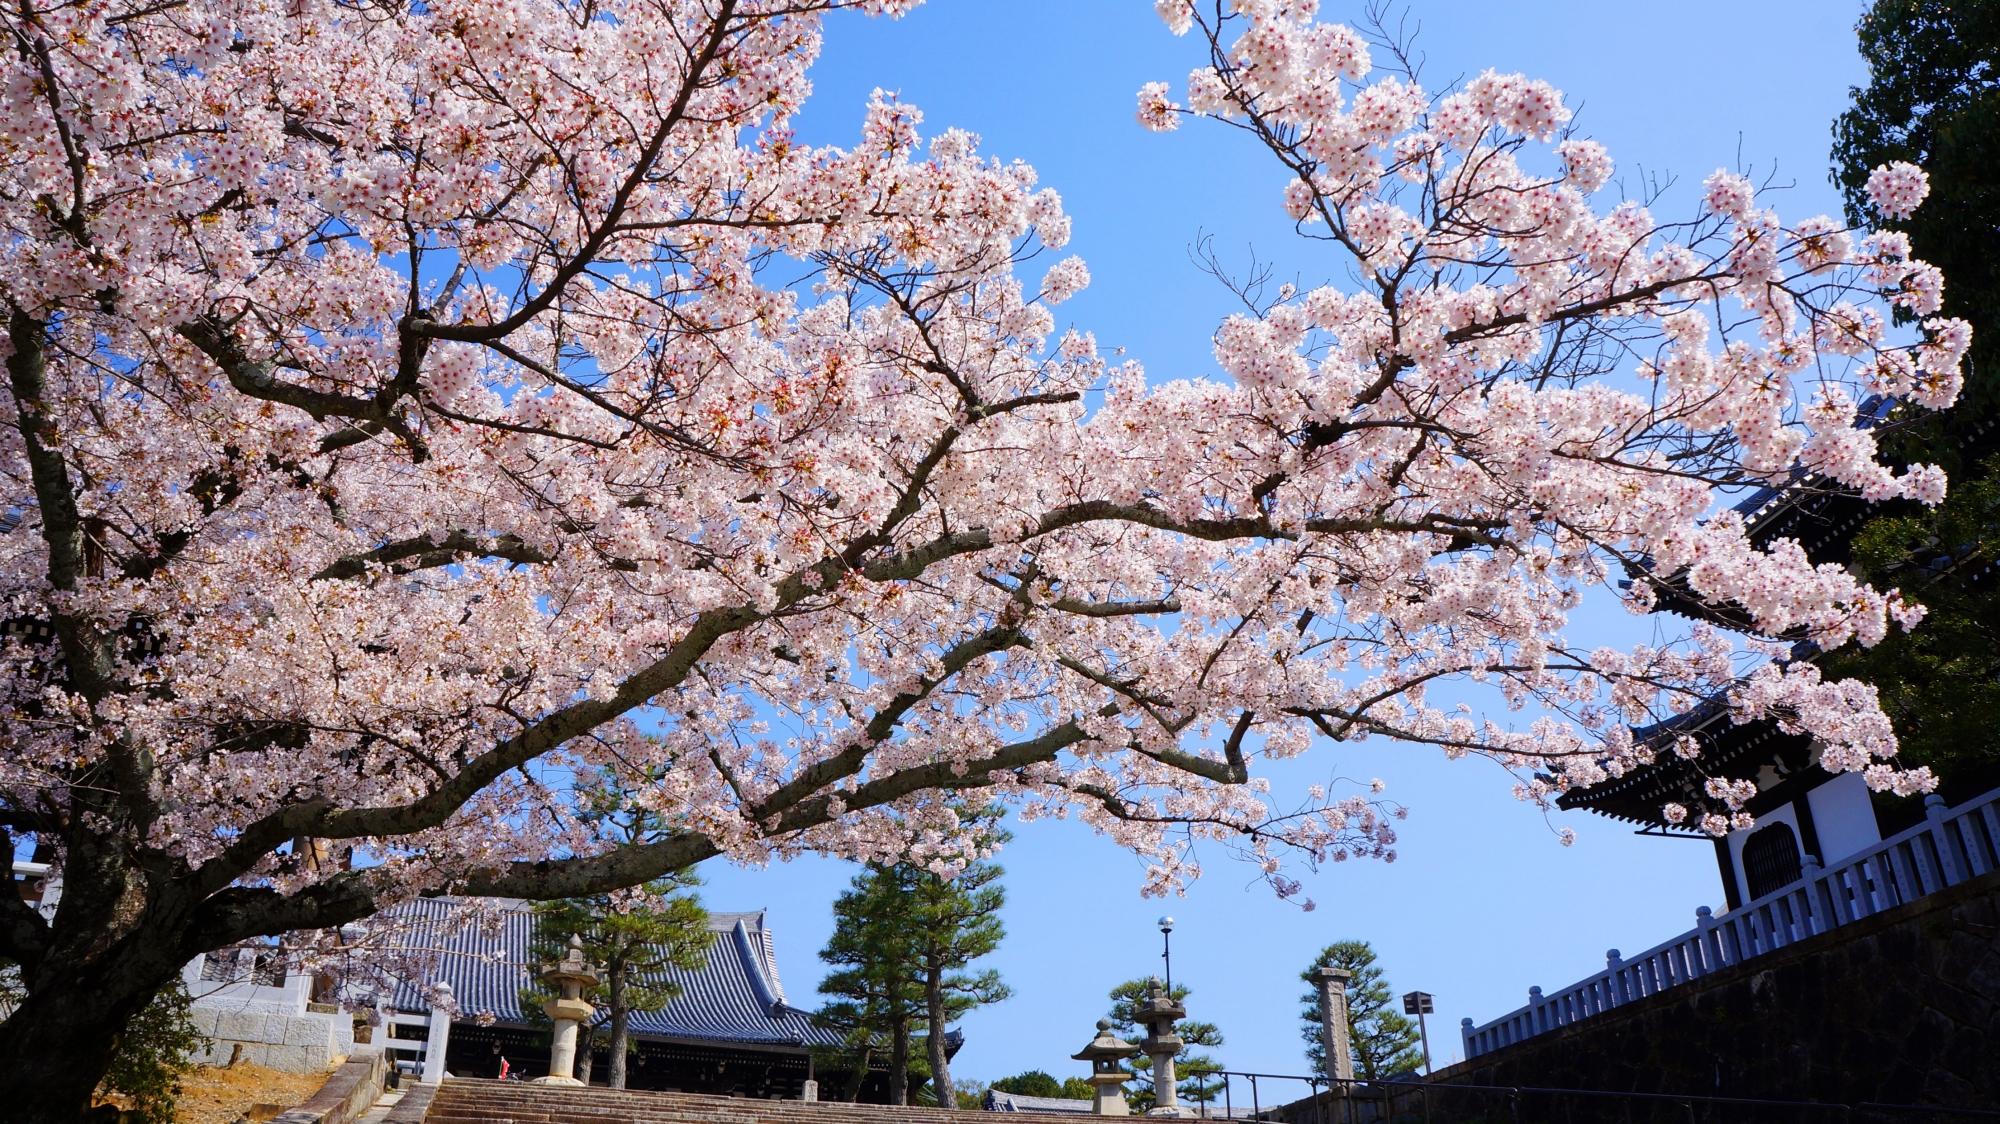 青空と伽藍を華やかに染める見事な桜